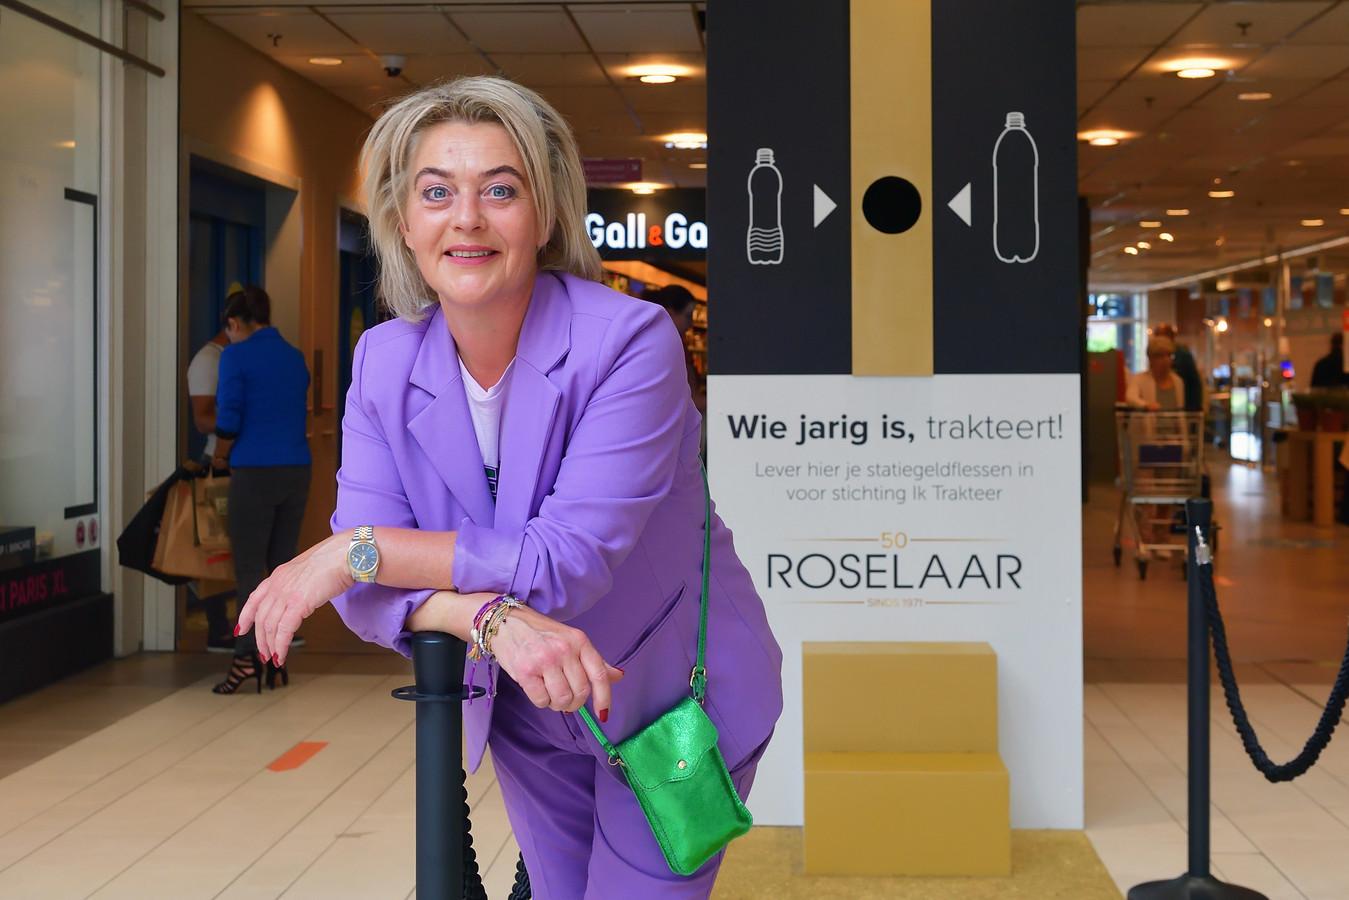 Katrien van Overveld is met haar stichting Ik Trakteer uitgekozen voor een inzamelingsactie door de jarige Roselaar/.